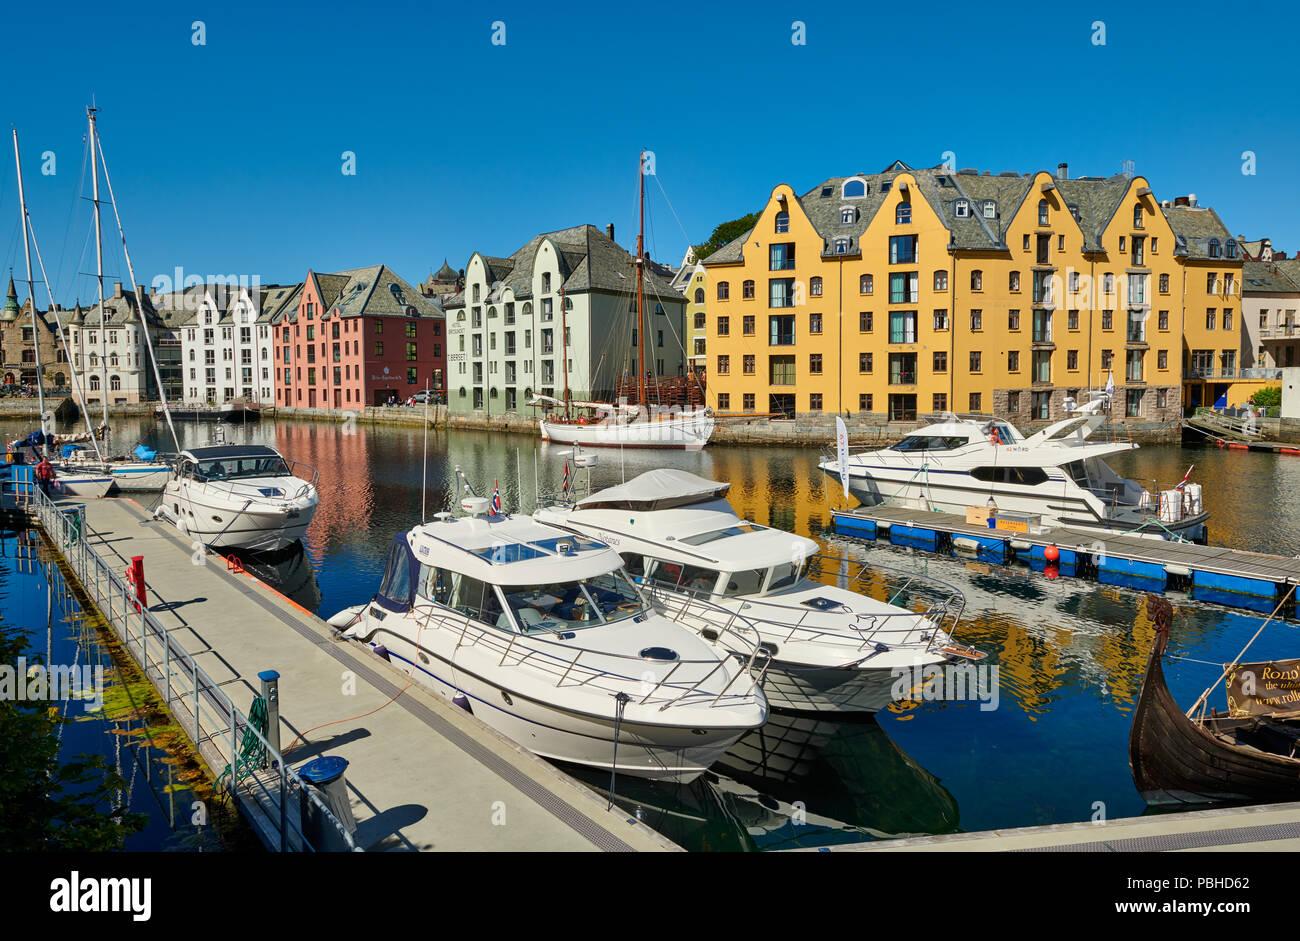 Blick auf den alten Hafen mit historischen Jugendstilgebäude, Ålesund, Norwegen, Europa Stockbild